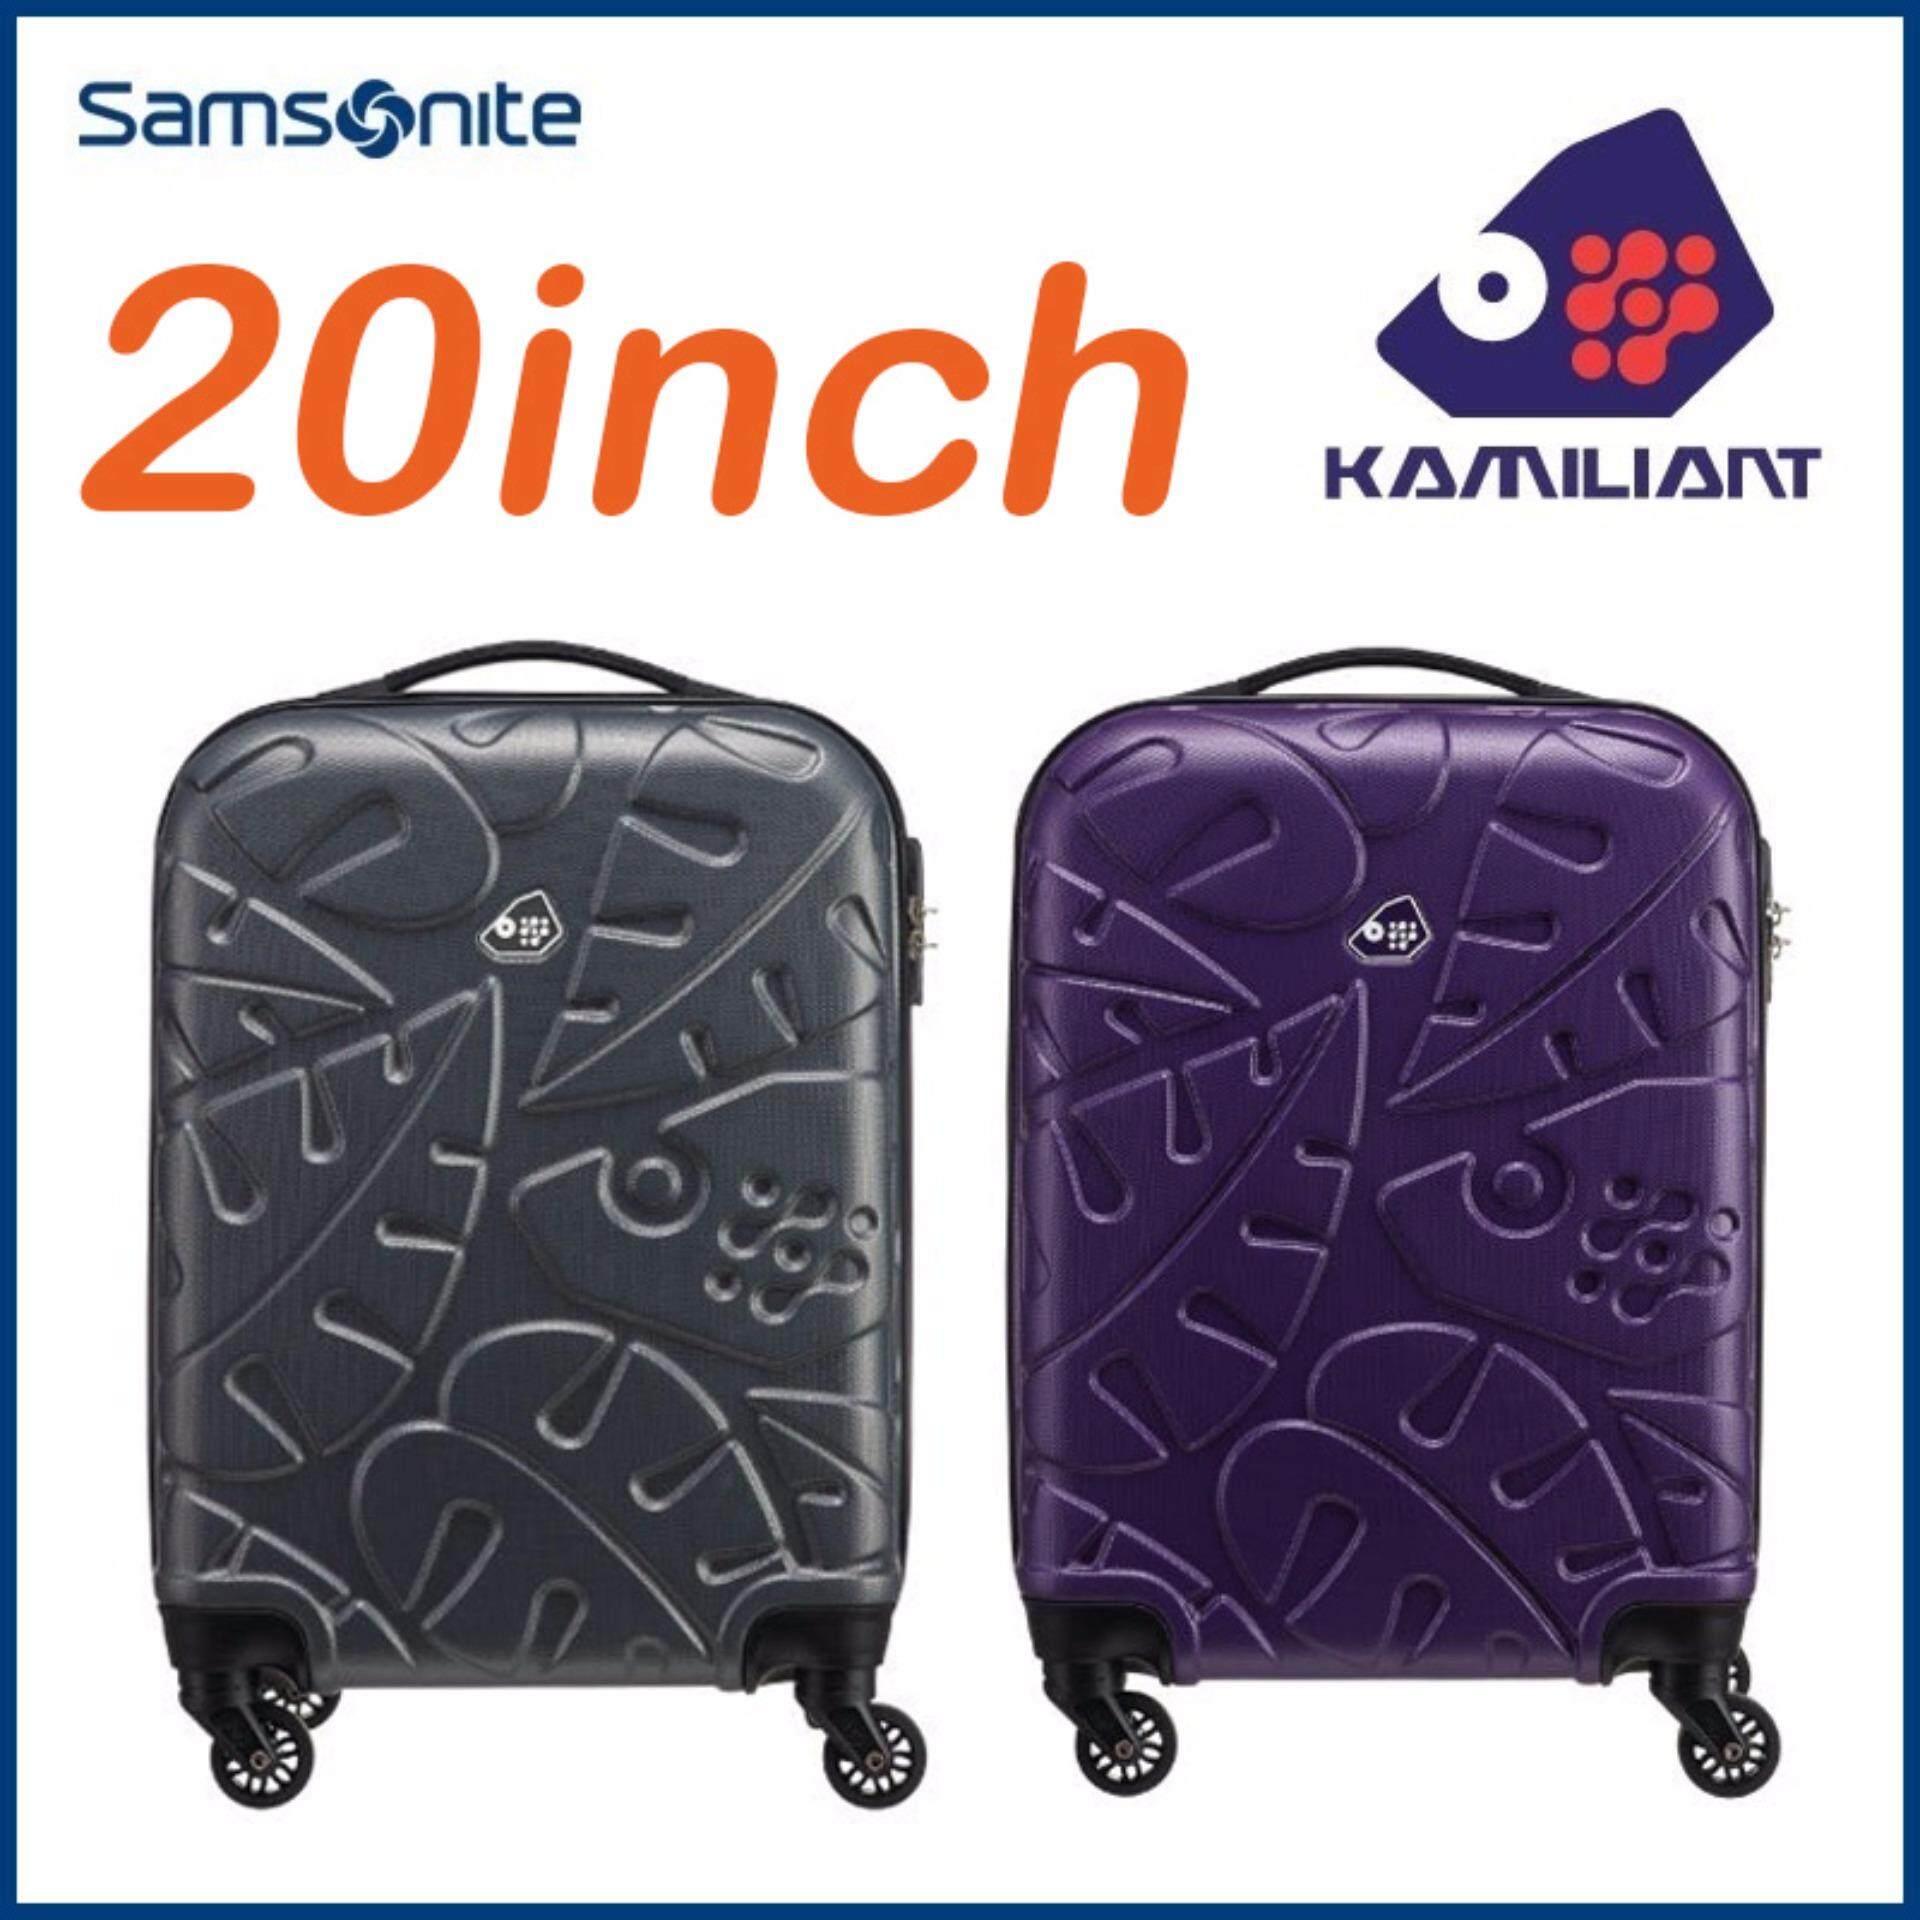 SAMSONITE KAMILIANT PINNADO Travel Carrier Luggage SuitCase 20 inch - intl